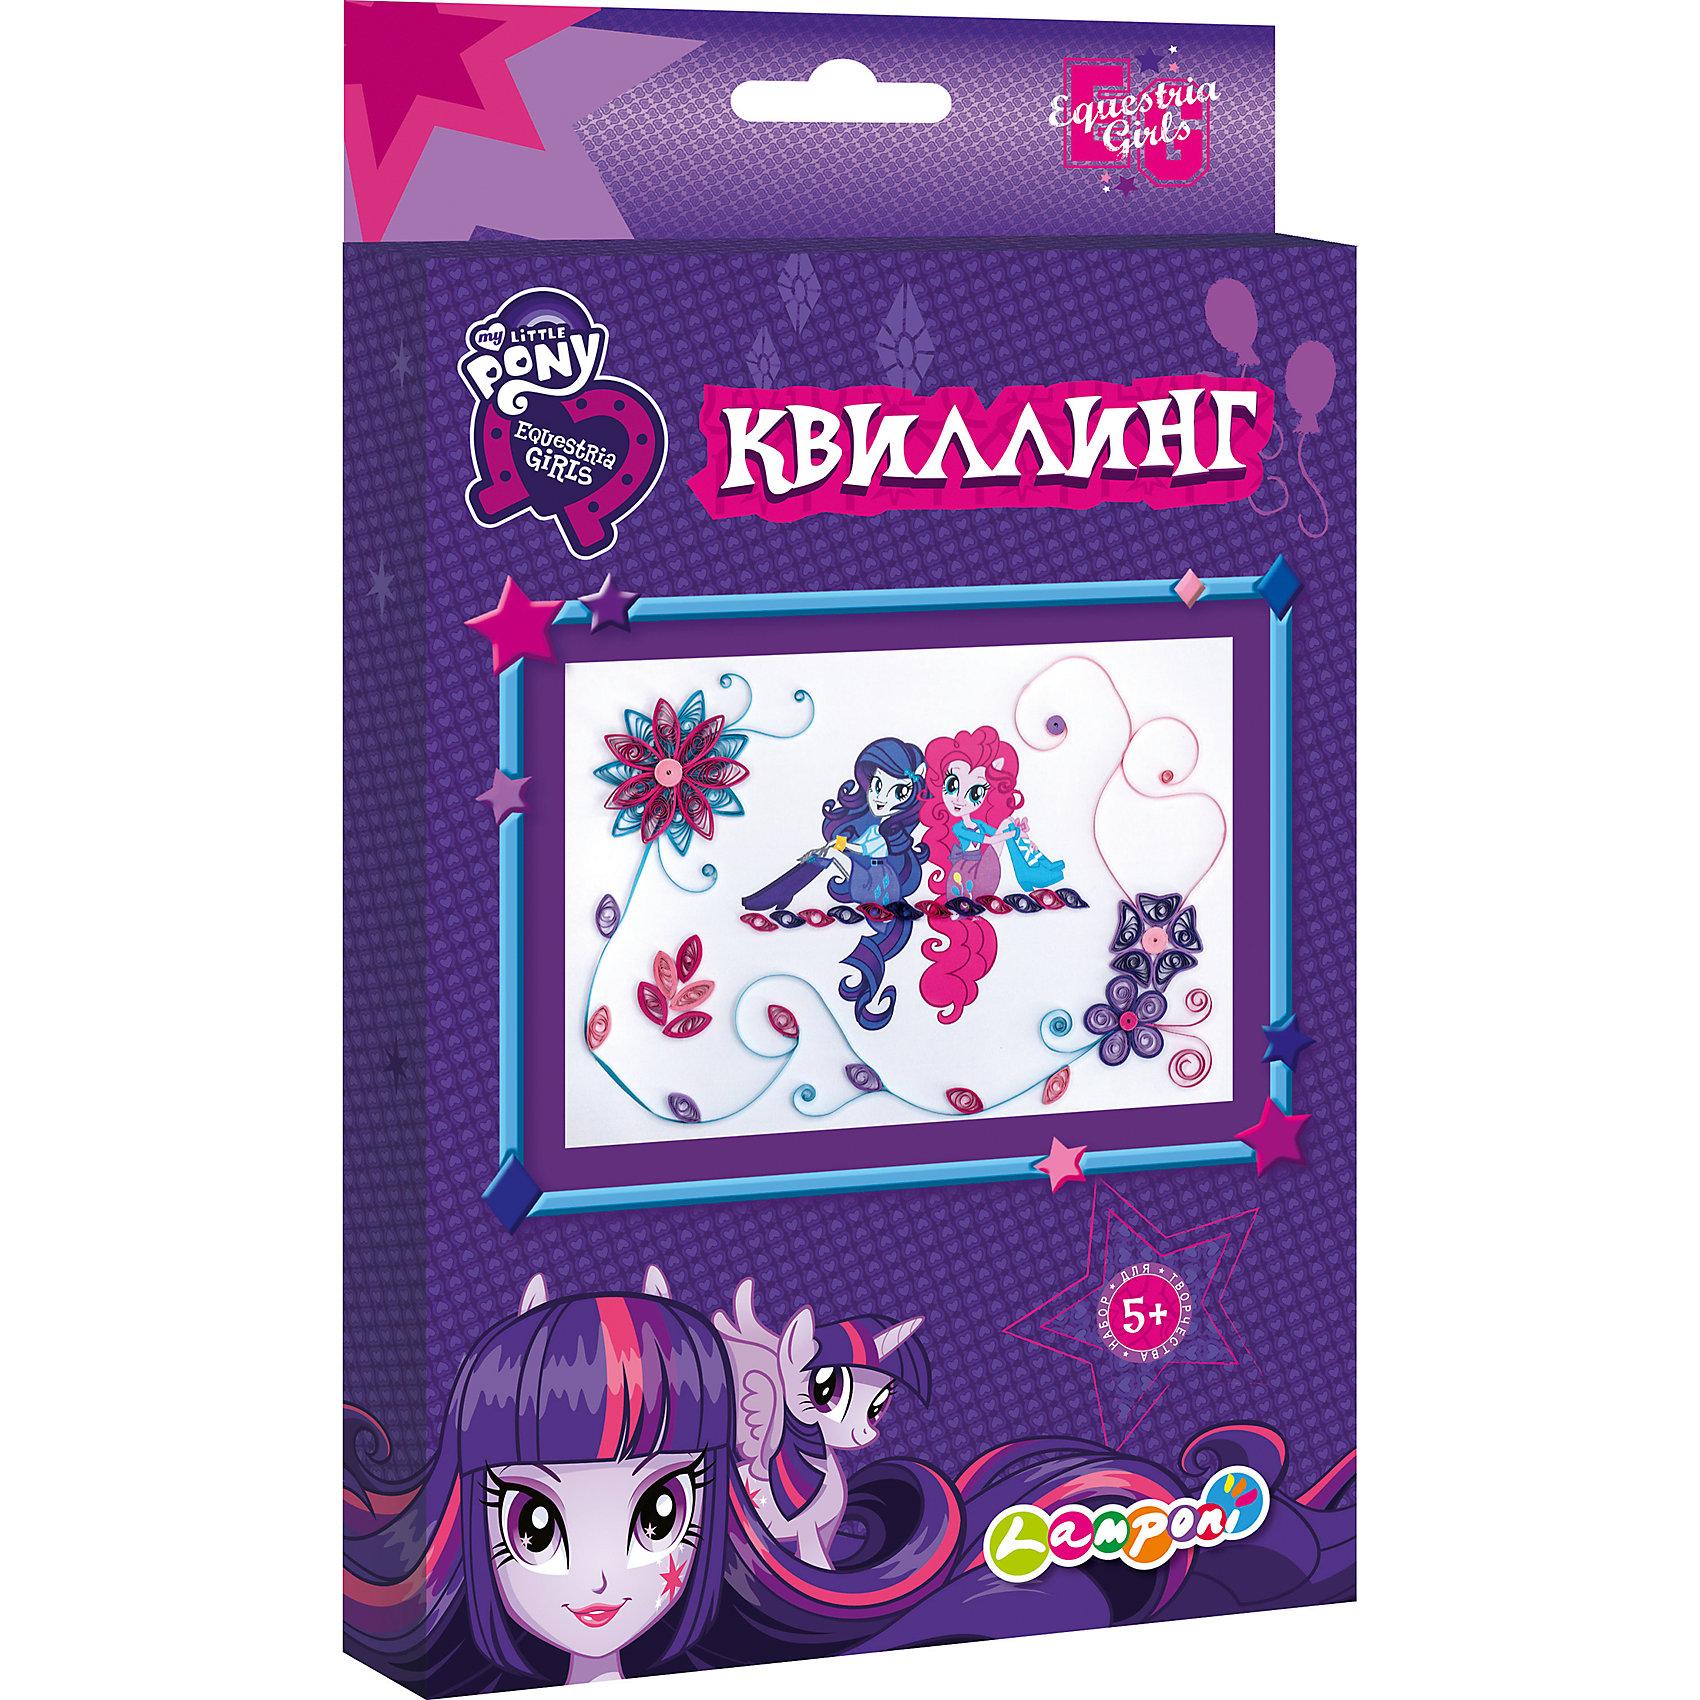 Набор для детского творчества Квиллинг, Equestria GirlsНабор для детского творчества Квиллинг, Equestria Girls (Эквестрия Гёлз).<br><br>Характеристики:<br><br>- Размер упаковки: 24,5х18 х 15 см.<br>- В наборе: картонная основа, клей, полоски цветной бумаги, приспособление для квиллинга, инструкция.<br><br>Квиллинг это увлекательное занятия для любителей мастерить из бумаги. Это искусство выполнения бумажных композиций, плоских и объёмных, заключается в скручивании длинных полосок бумаги в спиральки (модули), иначе называется бумагокручением. Очень часто такими поделками украшают картины, открытки, бижутерию, рамки и альбомы для фотографий. Занятие это не очень сложное, однако, желающим освоить этот вид рукоделия и научиться делать красивые поделки, придётся проявить терпение и усидчивость. Набор для детского творчества Квиллинг, Equestria Girls (Эквестрия Гёлз)  станет отличным подарком для вашей девочки, любительницы одноименного мультсериала.  <br><br>Набор для детского творчества Квиллинг, Equestria Girls (Эквестрия Гёлз), можно купить в нашем интернет- магазине.<br><br>Ширина мм: 245<br>Глубина мм: 150<br>Высота мм: 18<br>Вес г: 100<br>Возраст от месяцев: 96<br>Возраст до месяцев: 108<br>Пол: Женский<br>Возраст: Детский<br>SKU: 5218423